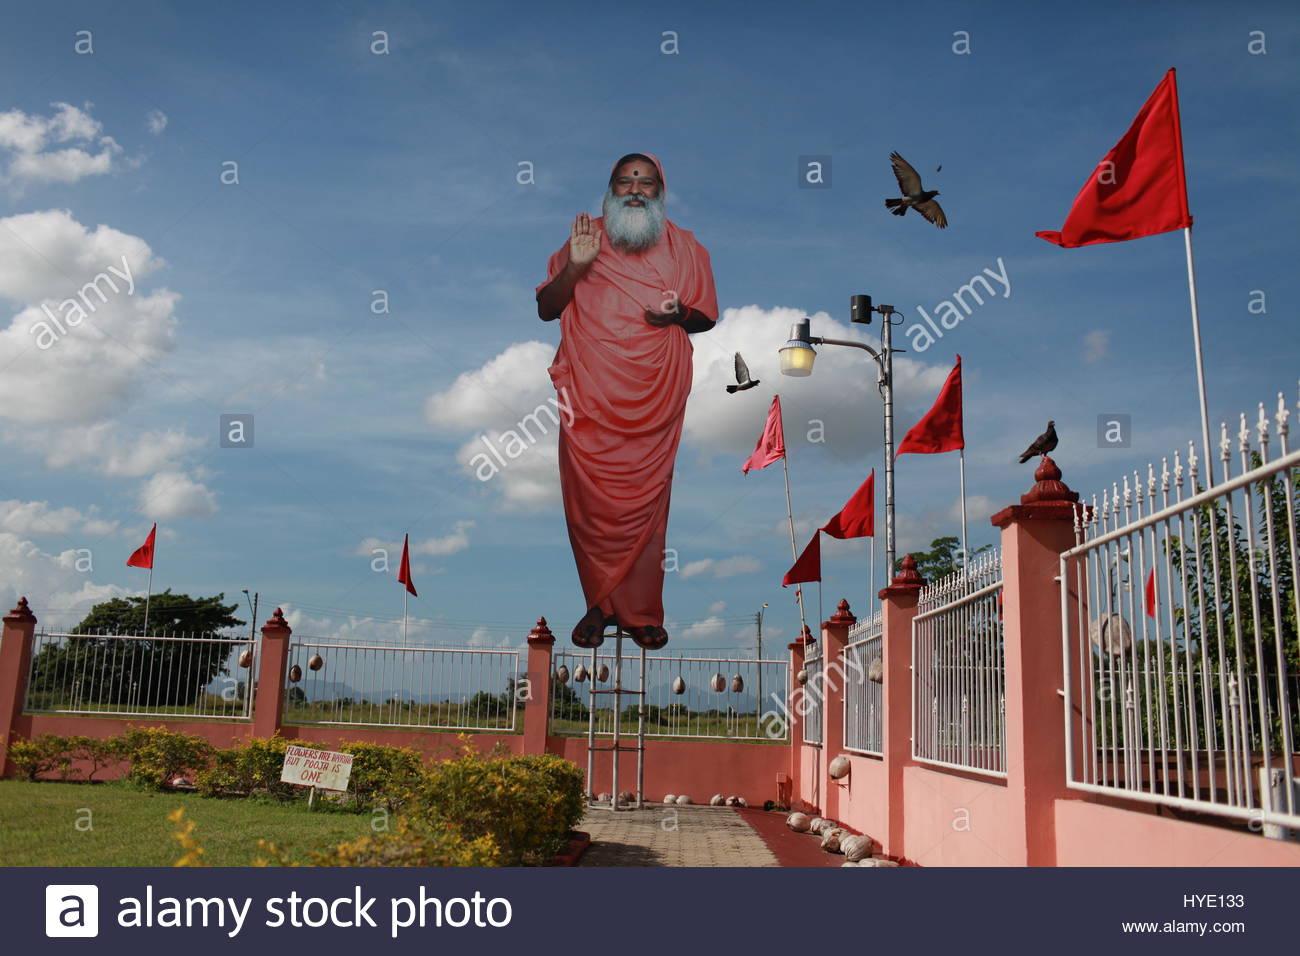 Trinidad Oriente comunità indiana. Immagini Stock